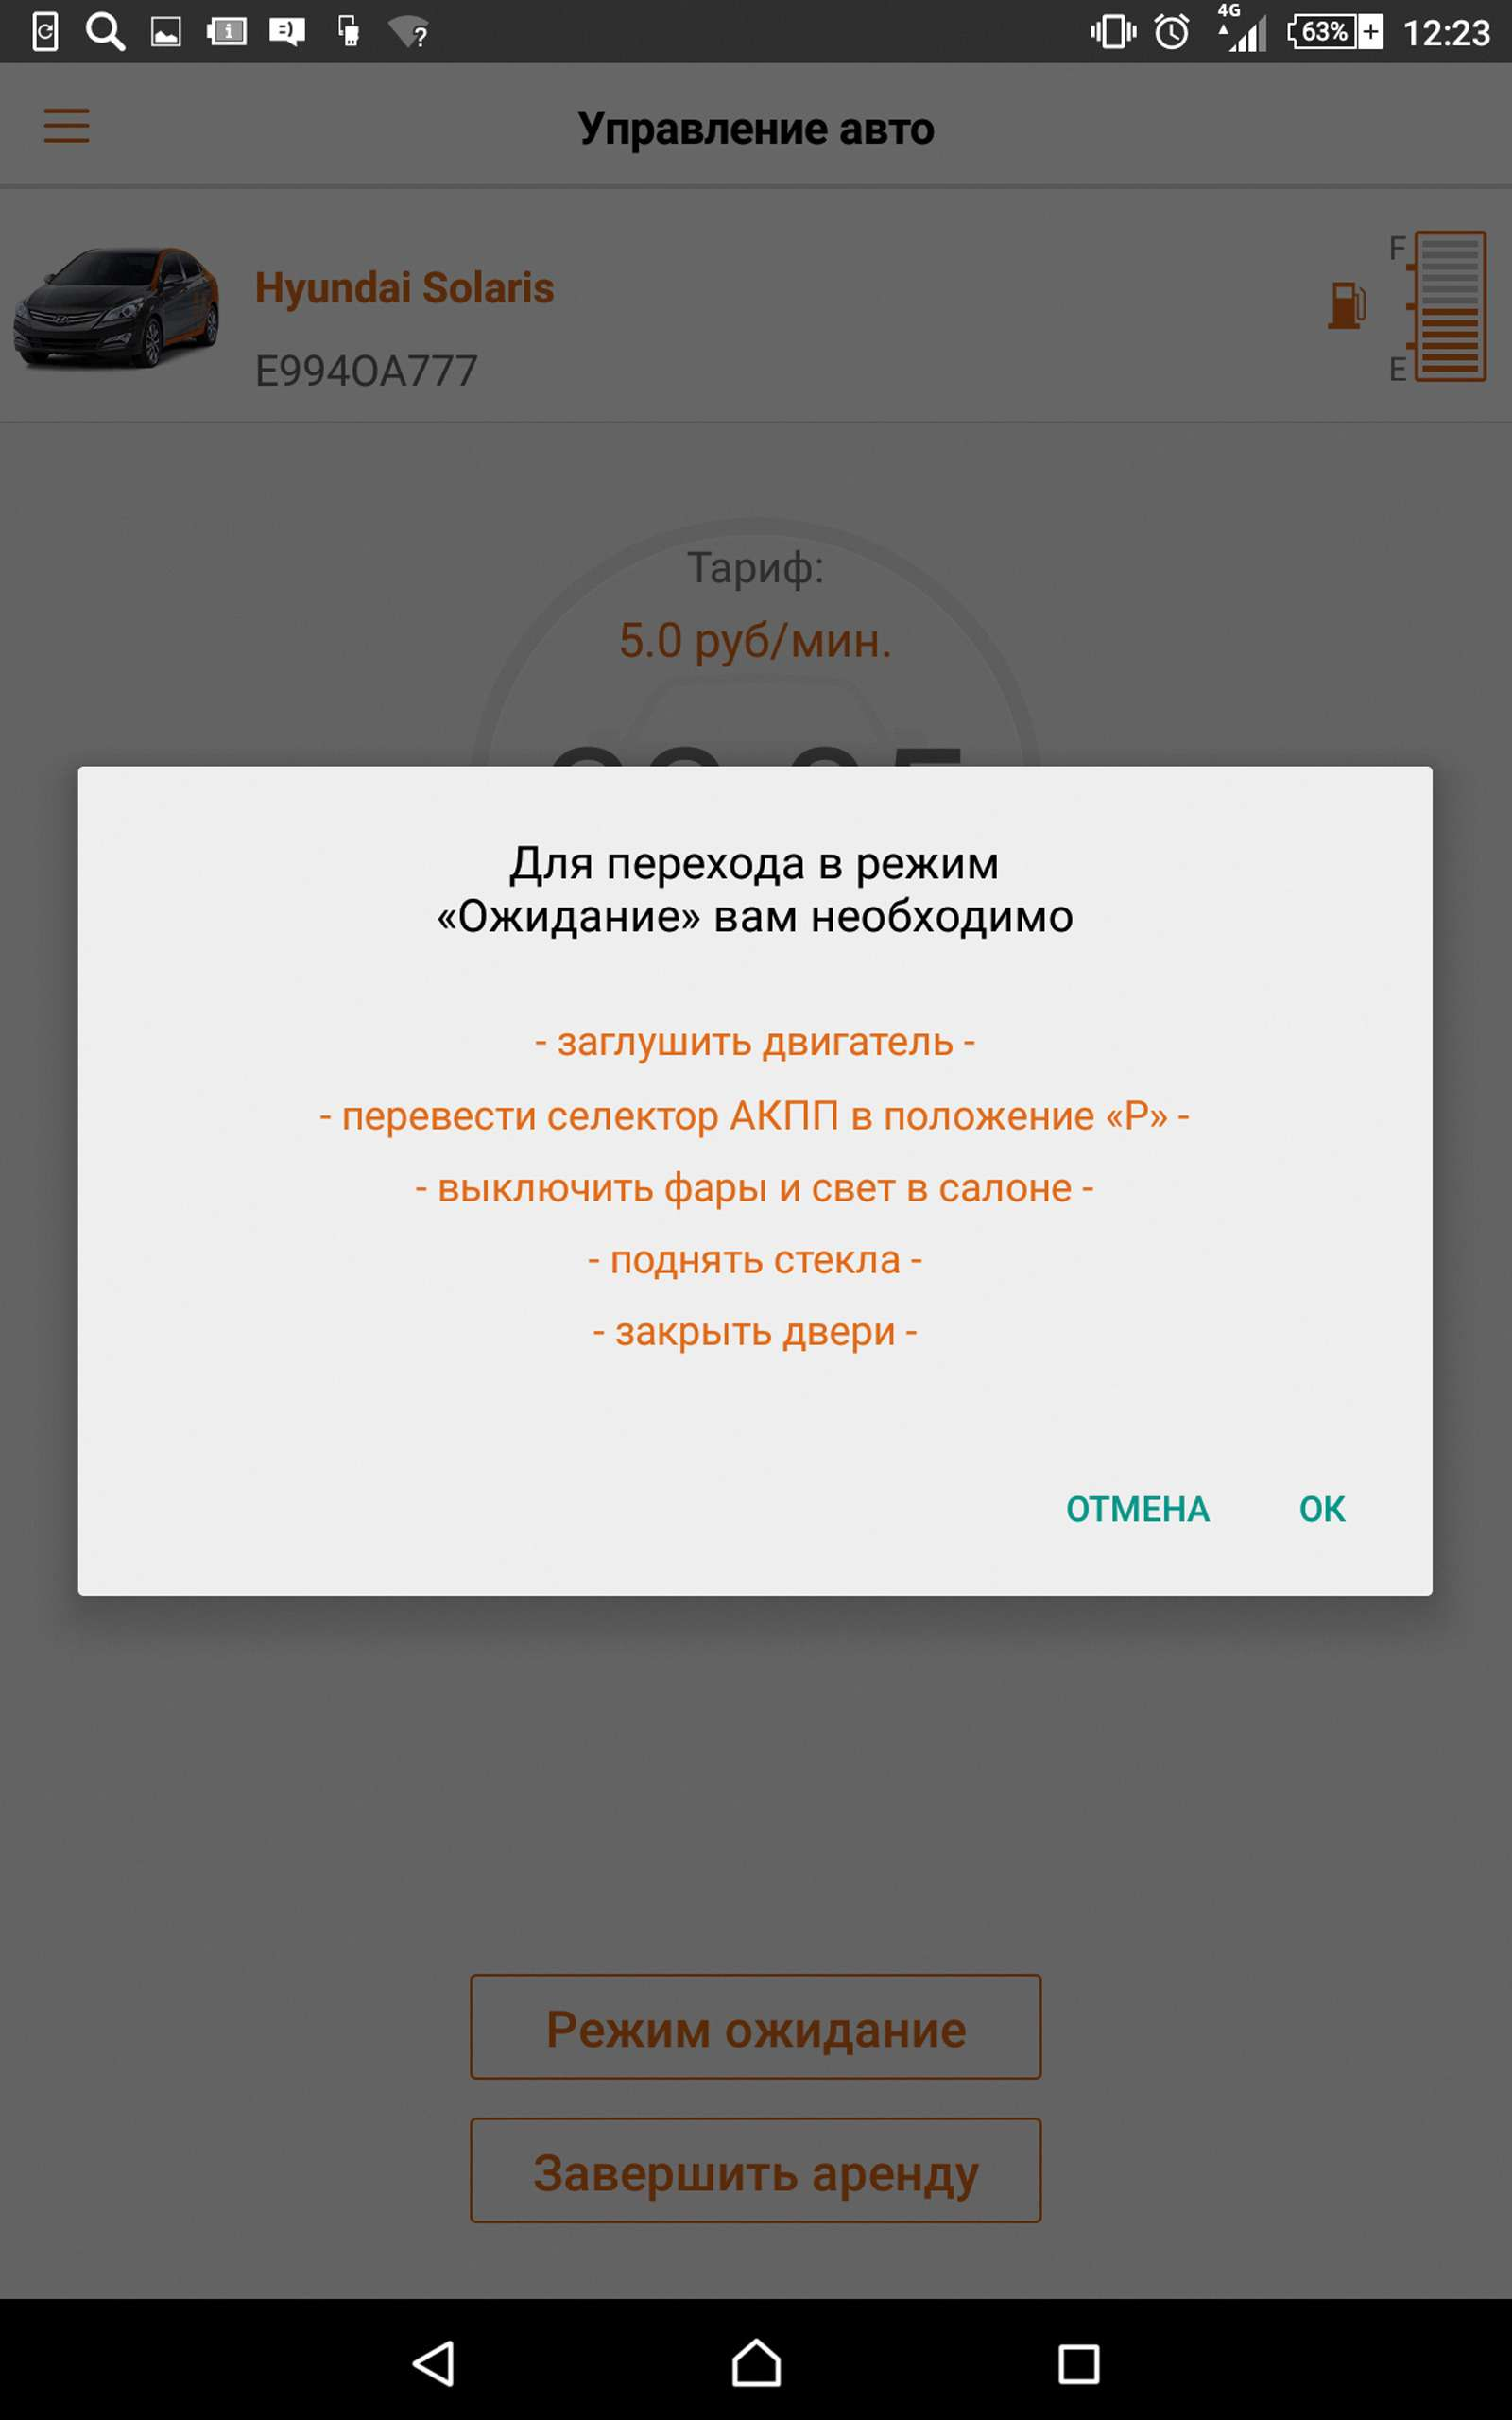 13-DELIAVTO_zr-01_16